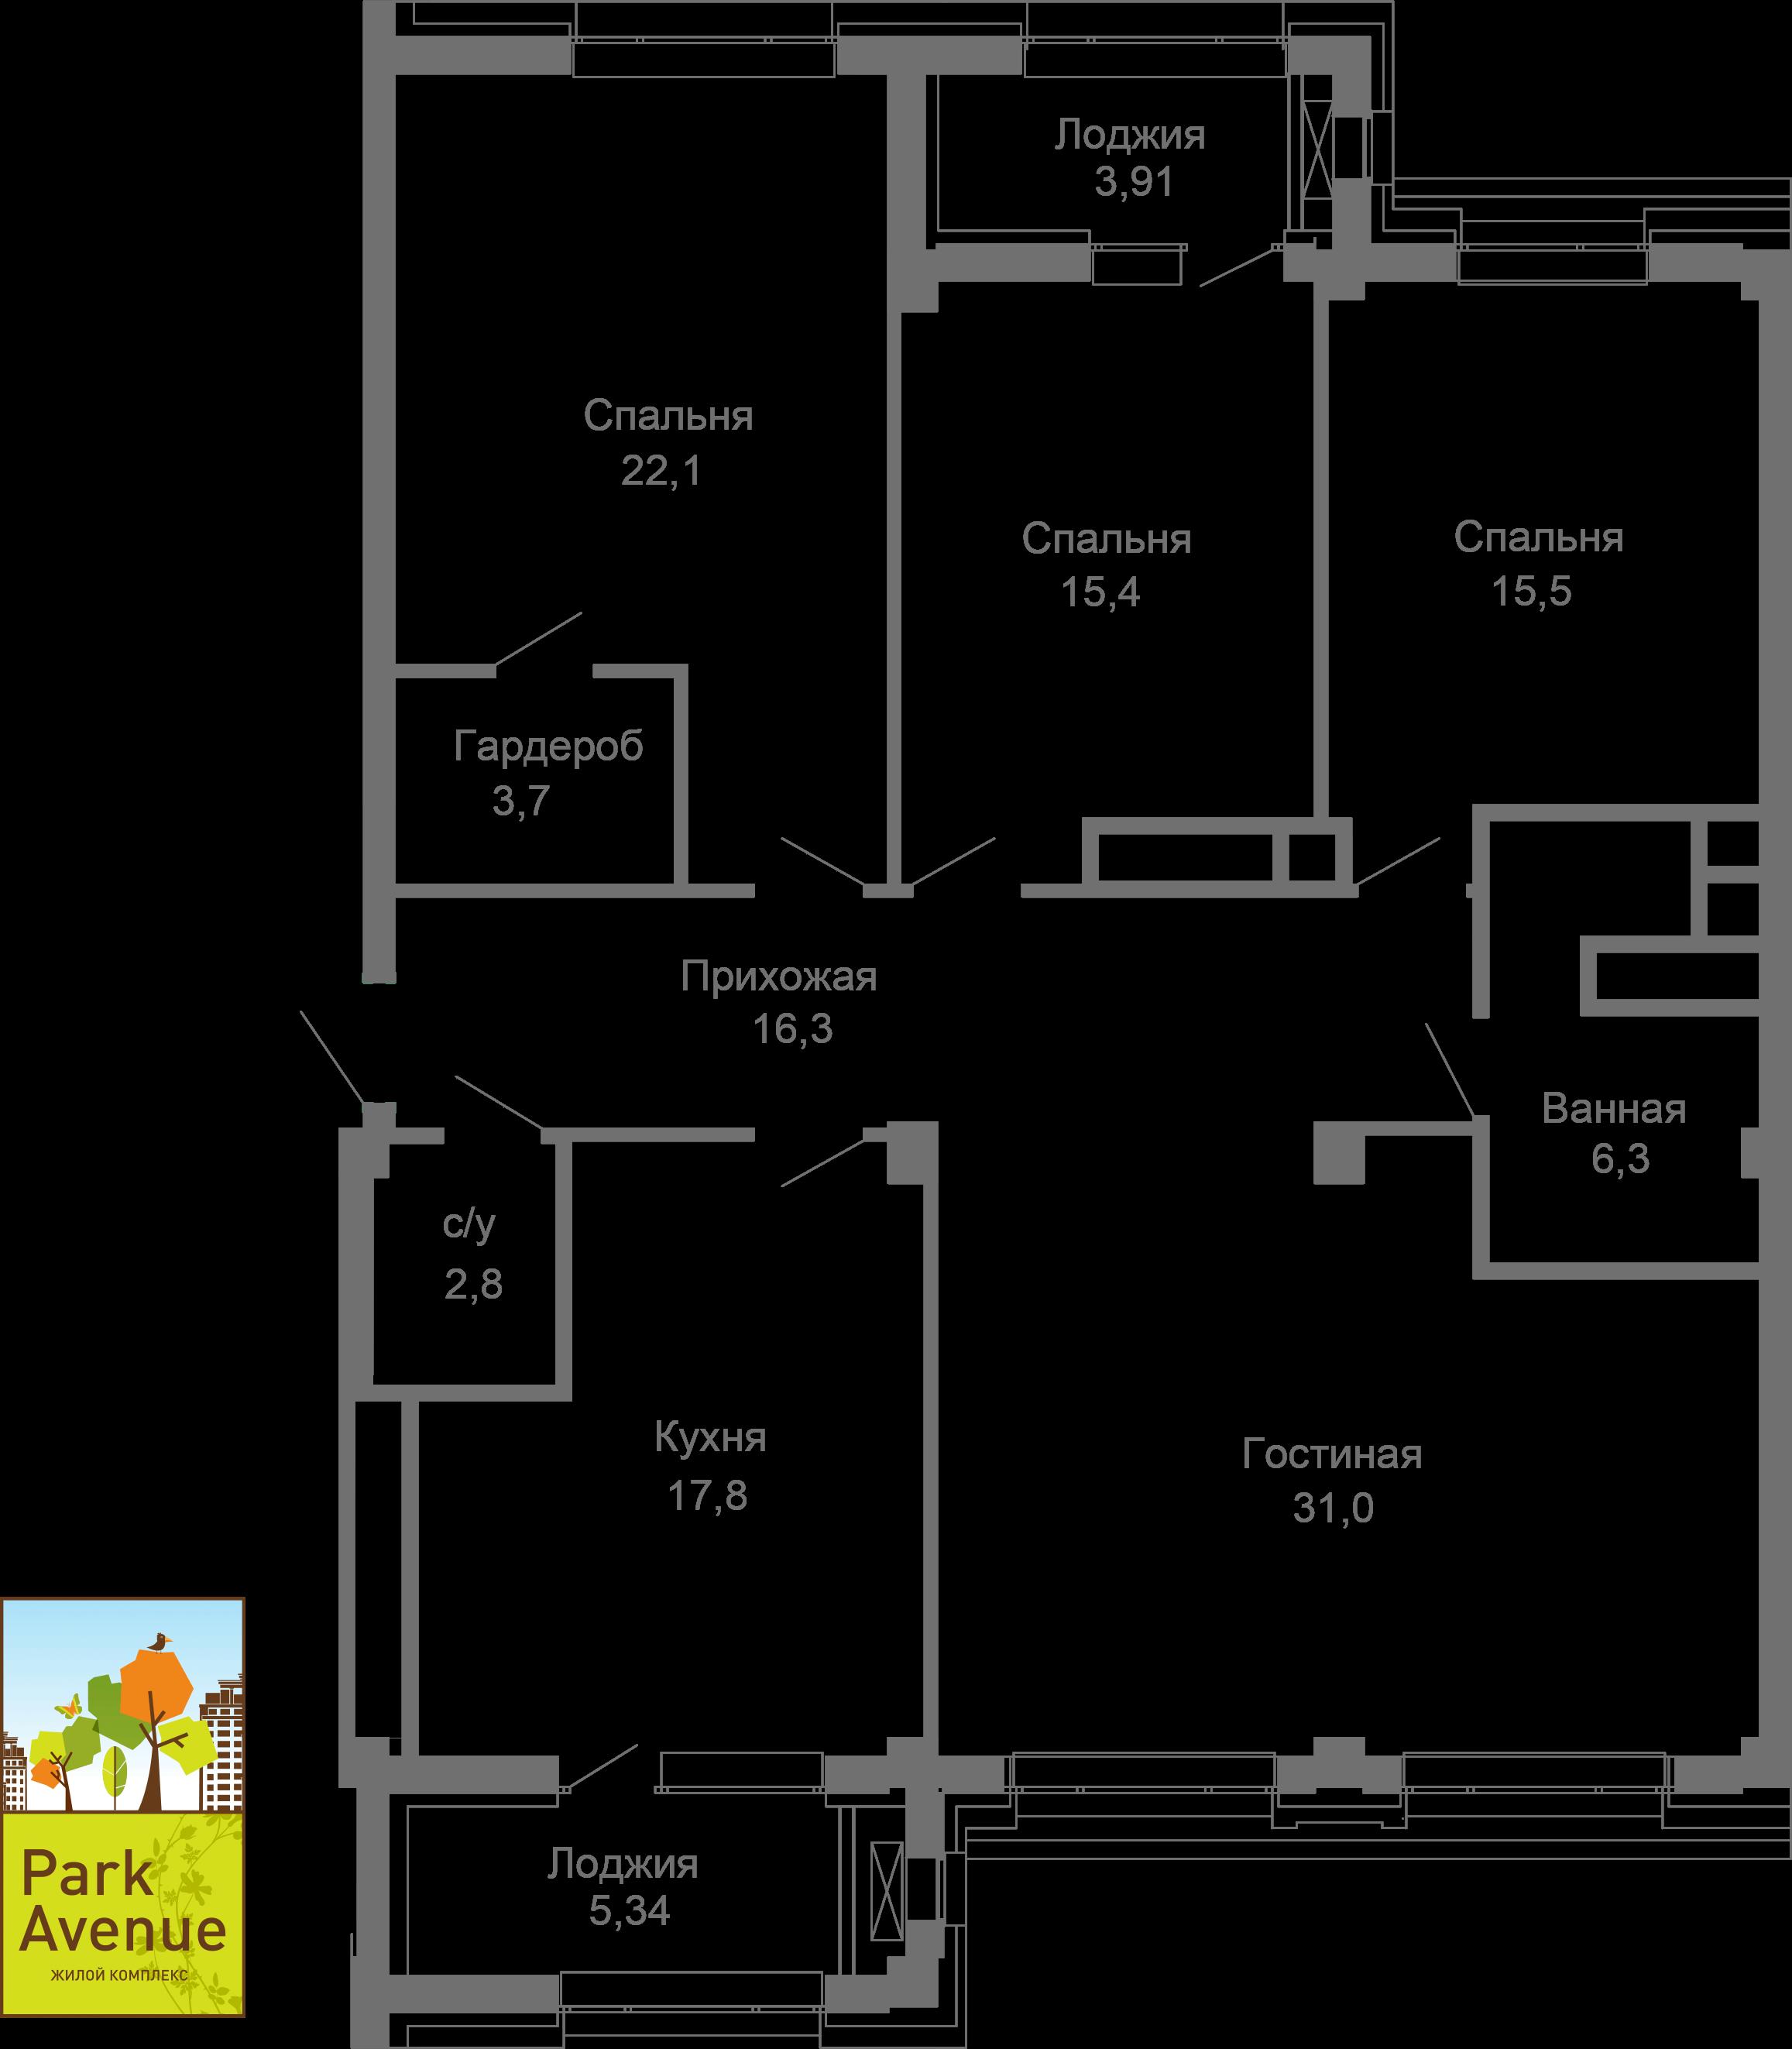 Квартира 70